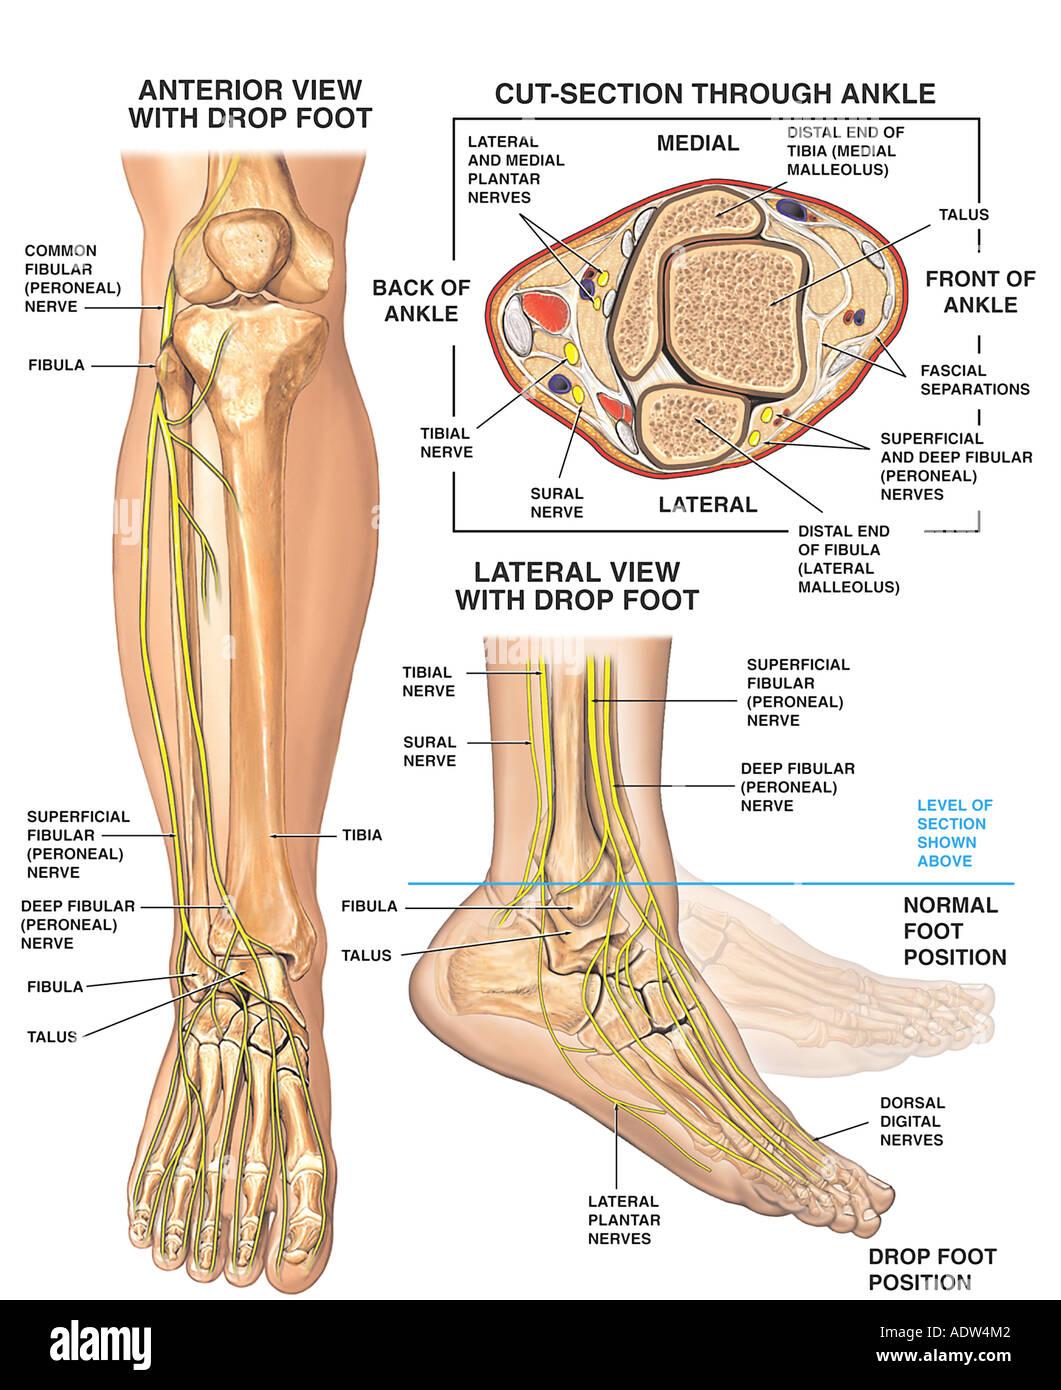 Anatomie von Fuß und Sprunggelenk mit Fuß-Drop-Deformität Stockfoto ...